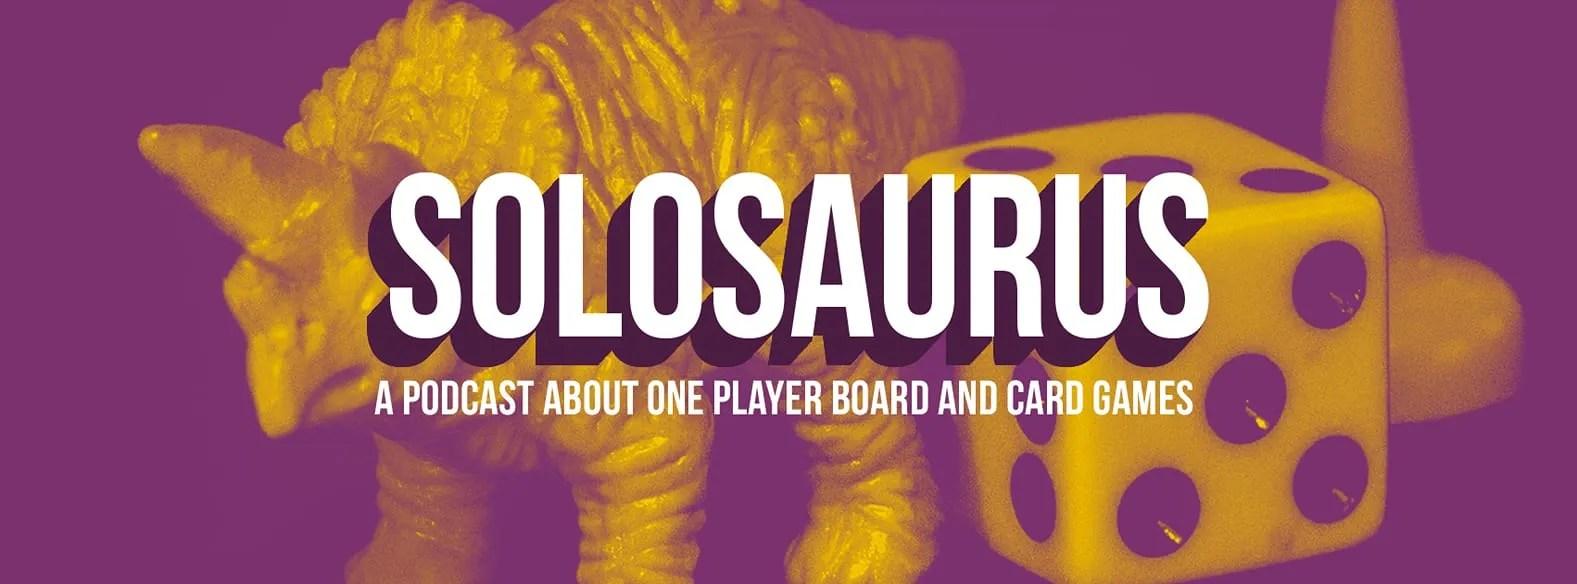 solosaurus